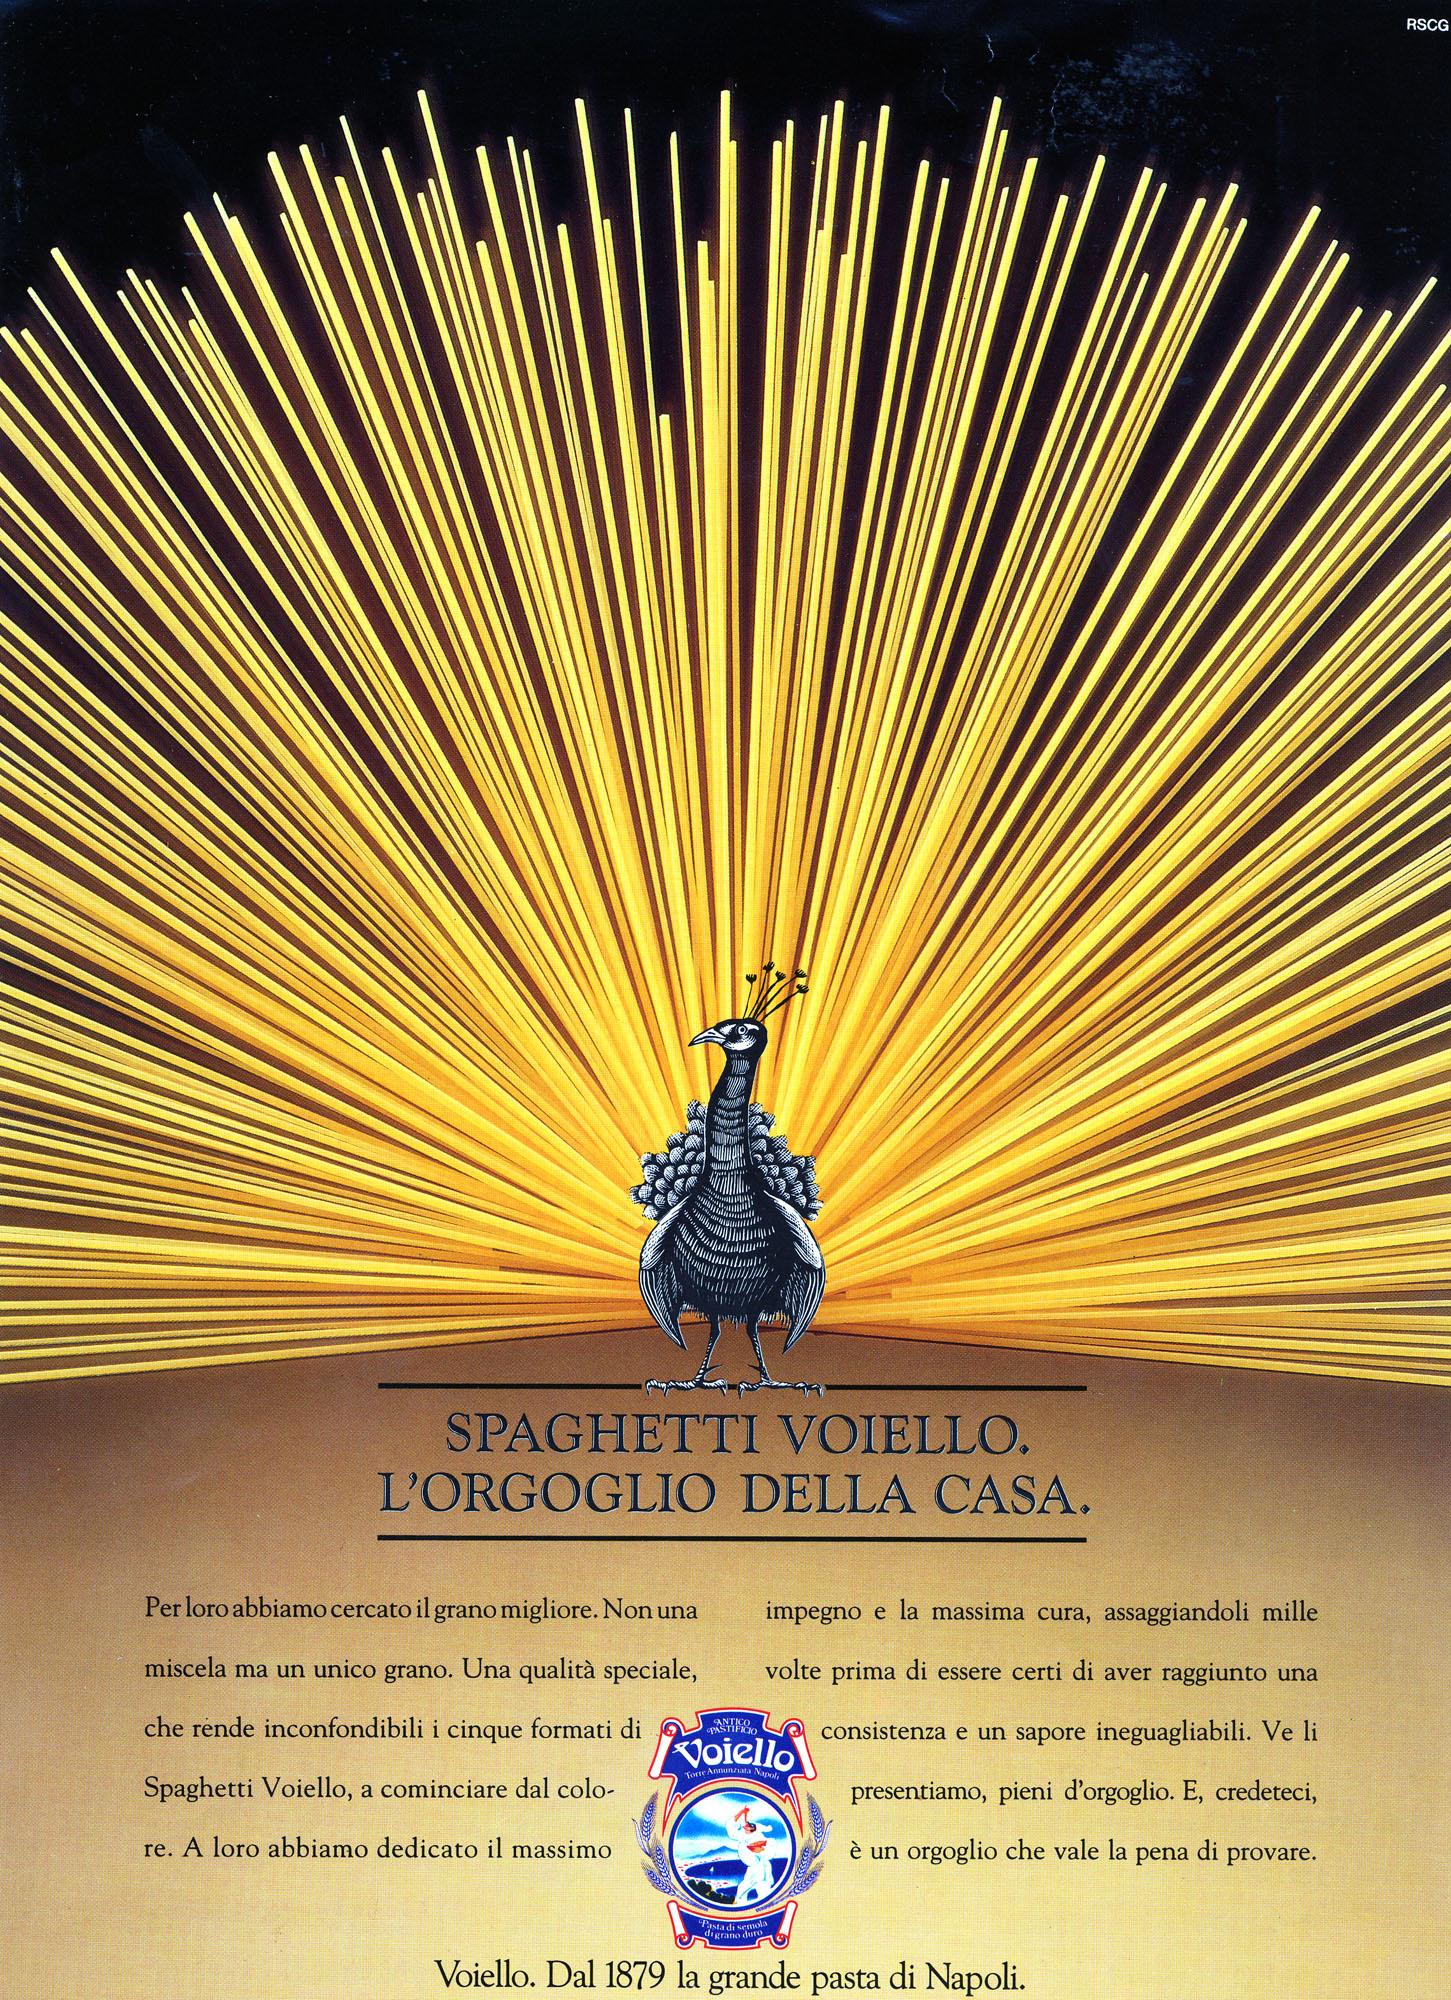 Voiello advertising campaign, 1985